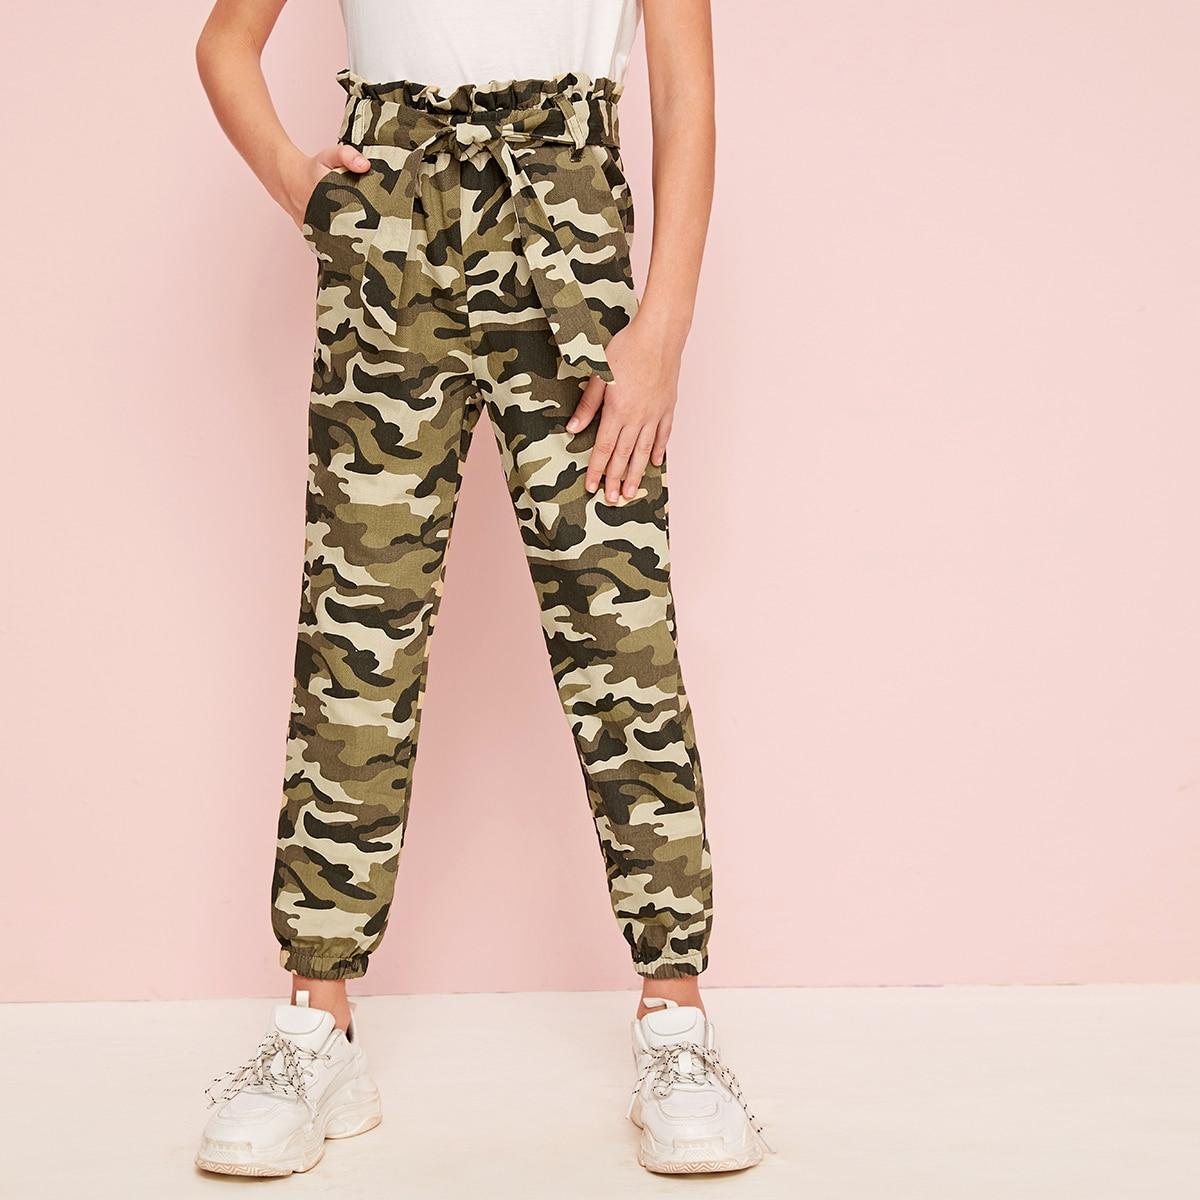 Камуфляжные брюки с присборенной талией и поясом для девочек